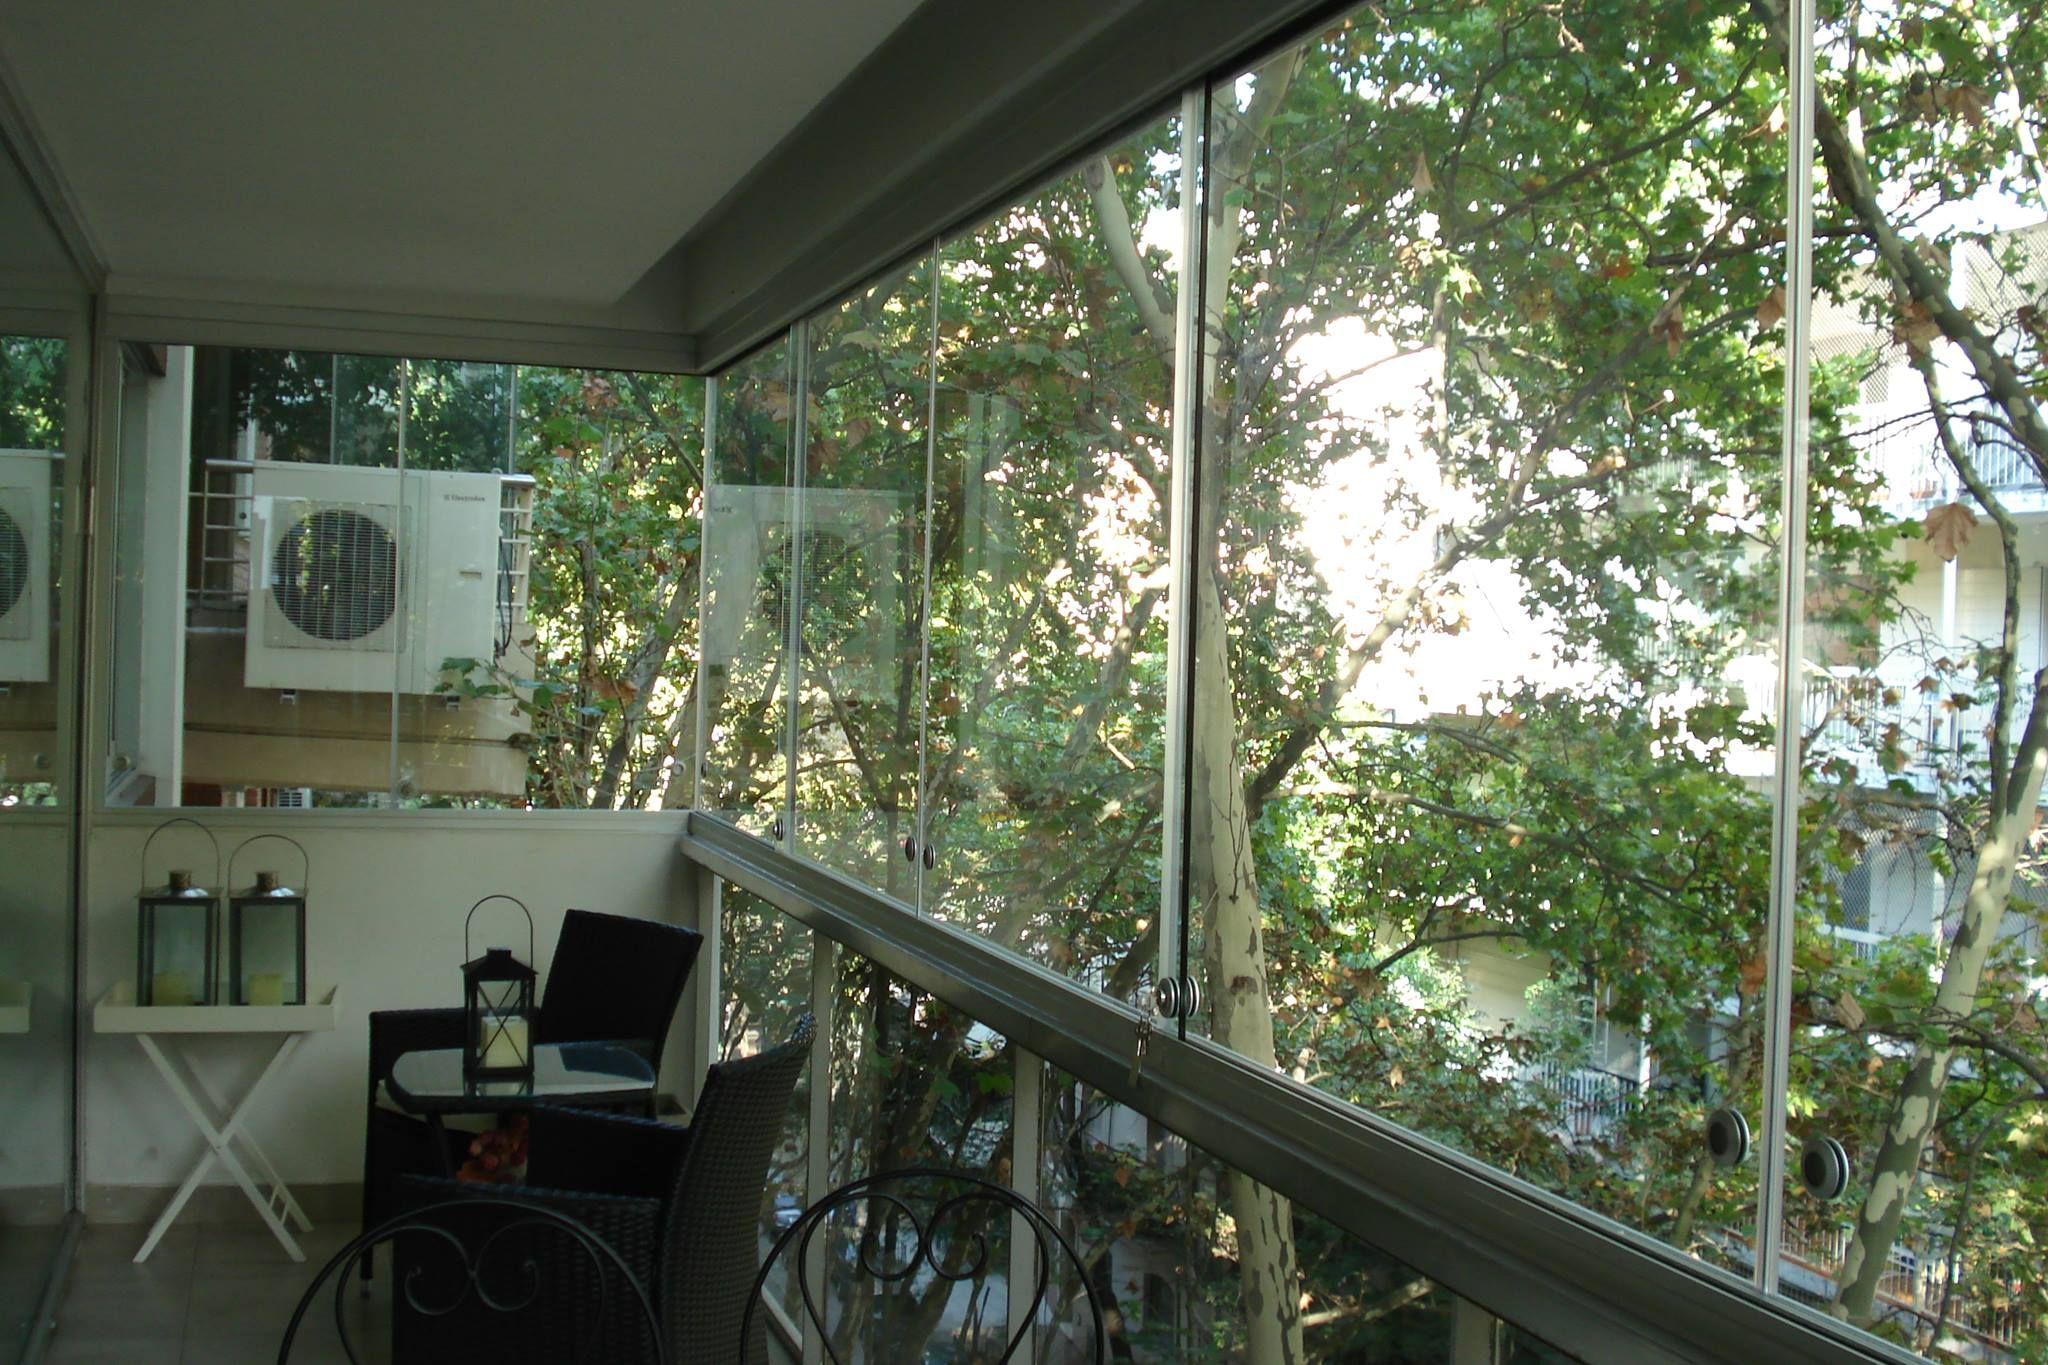 Balcon Cerrado Sin Parantes Balcones Hogar Terrazas